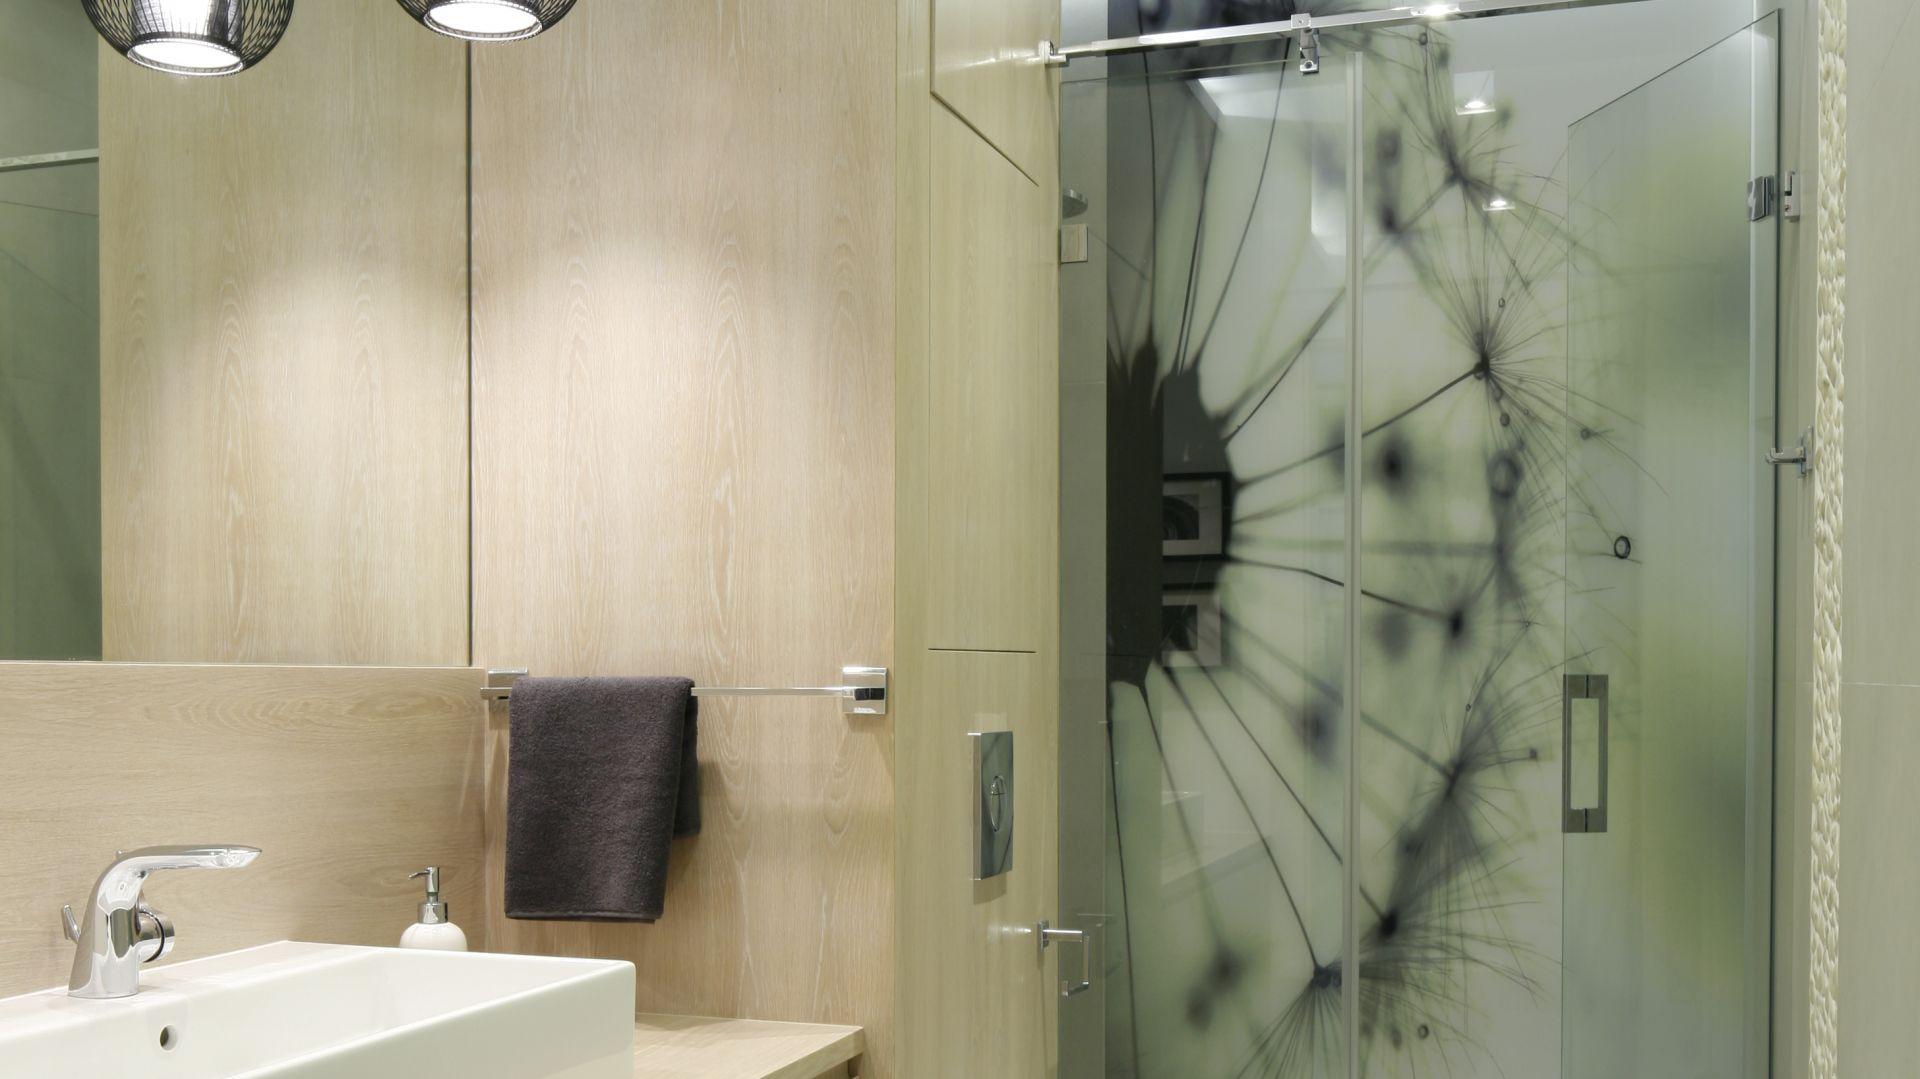 Nowoczesna strefa prysznica. Proj. Małgorzata Galewska. Fot. Bartosz Jarosz